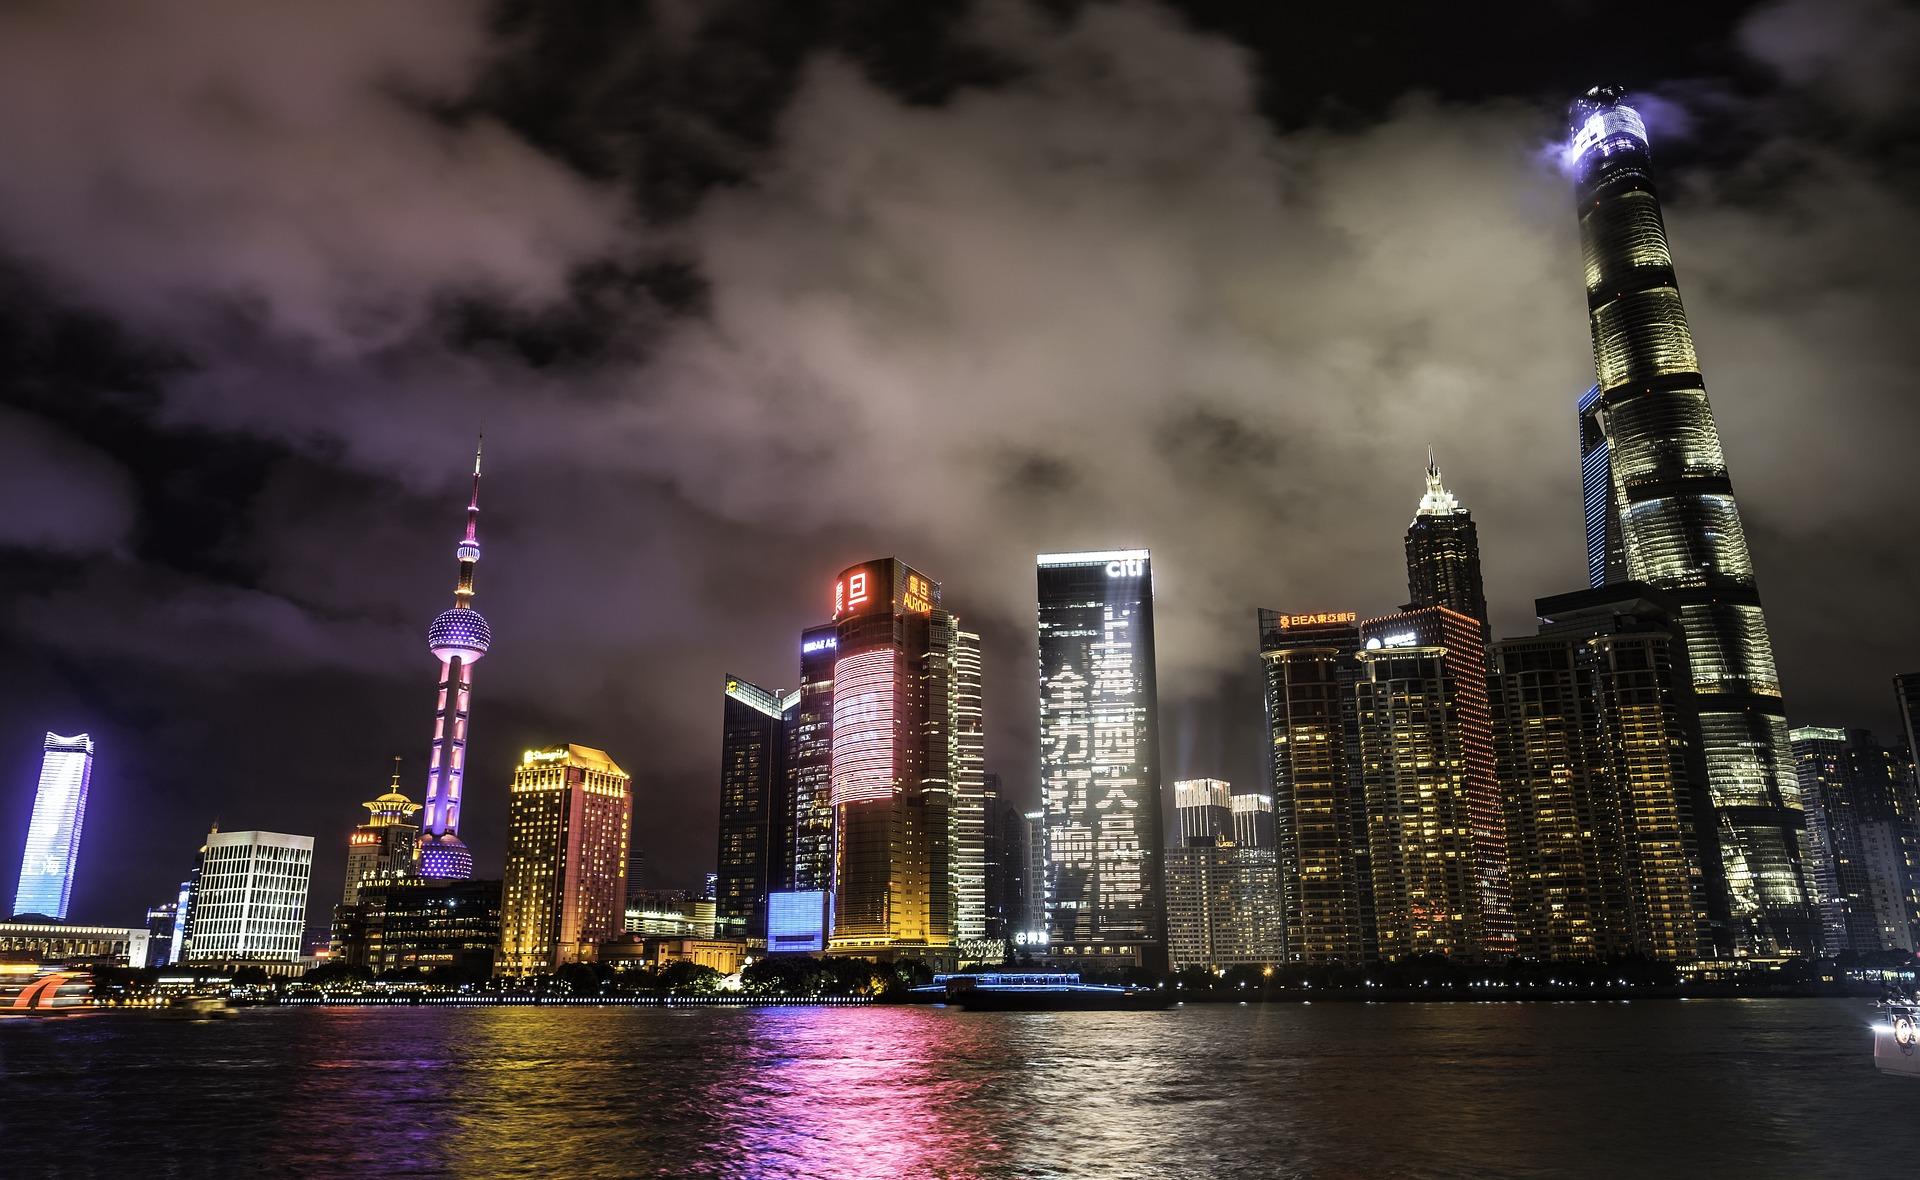 Shanghai et maladie des grandes villes, en Chine : se fixe à 25 millions d'habitants pour éviter cela